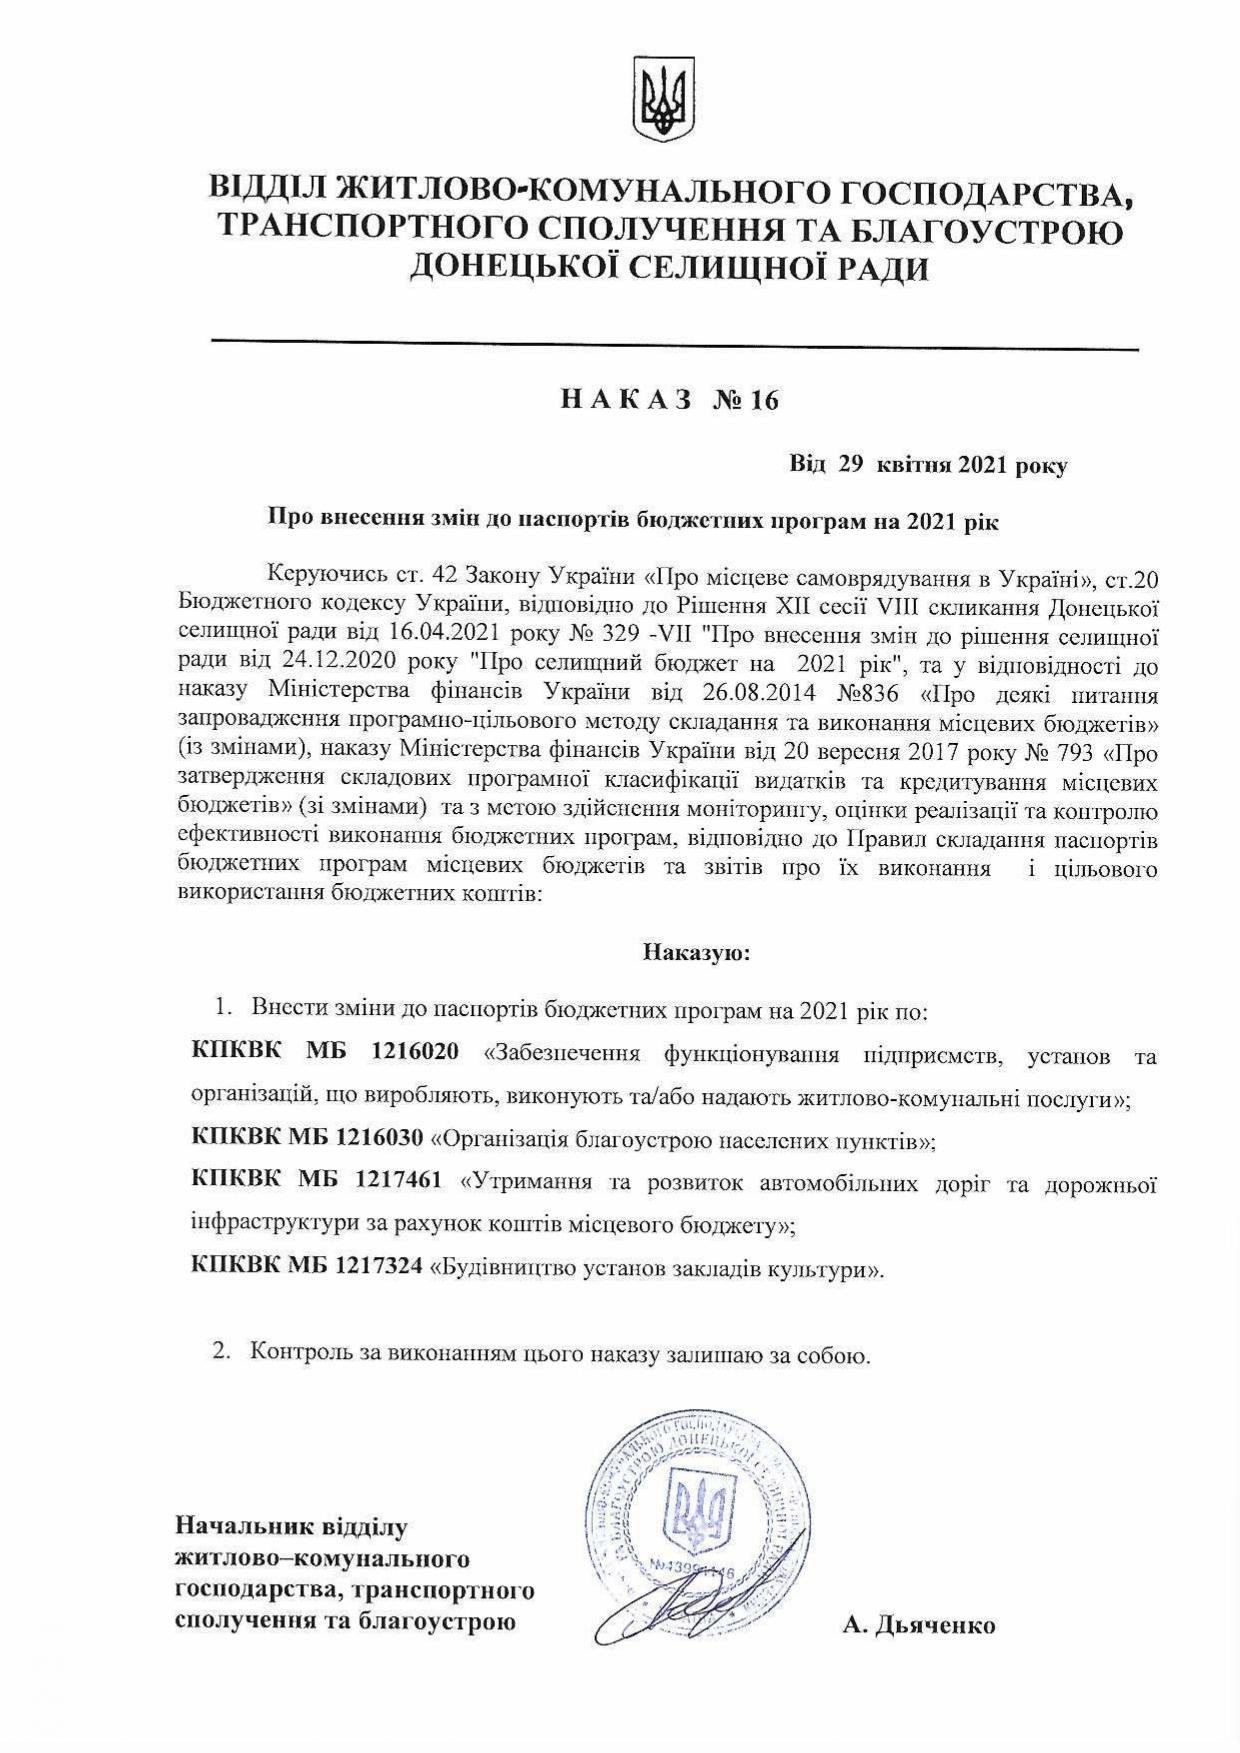 Наказ №16 Про внесення змін до паспортів бюджетних програм на 2021рік